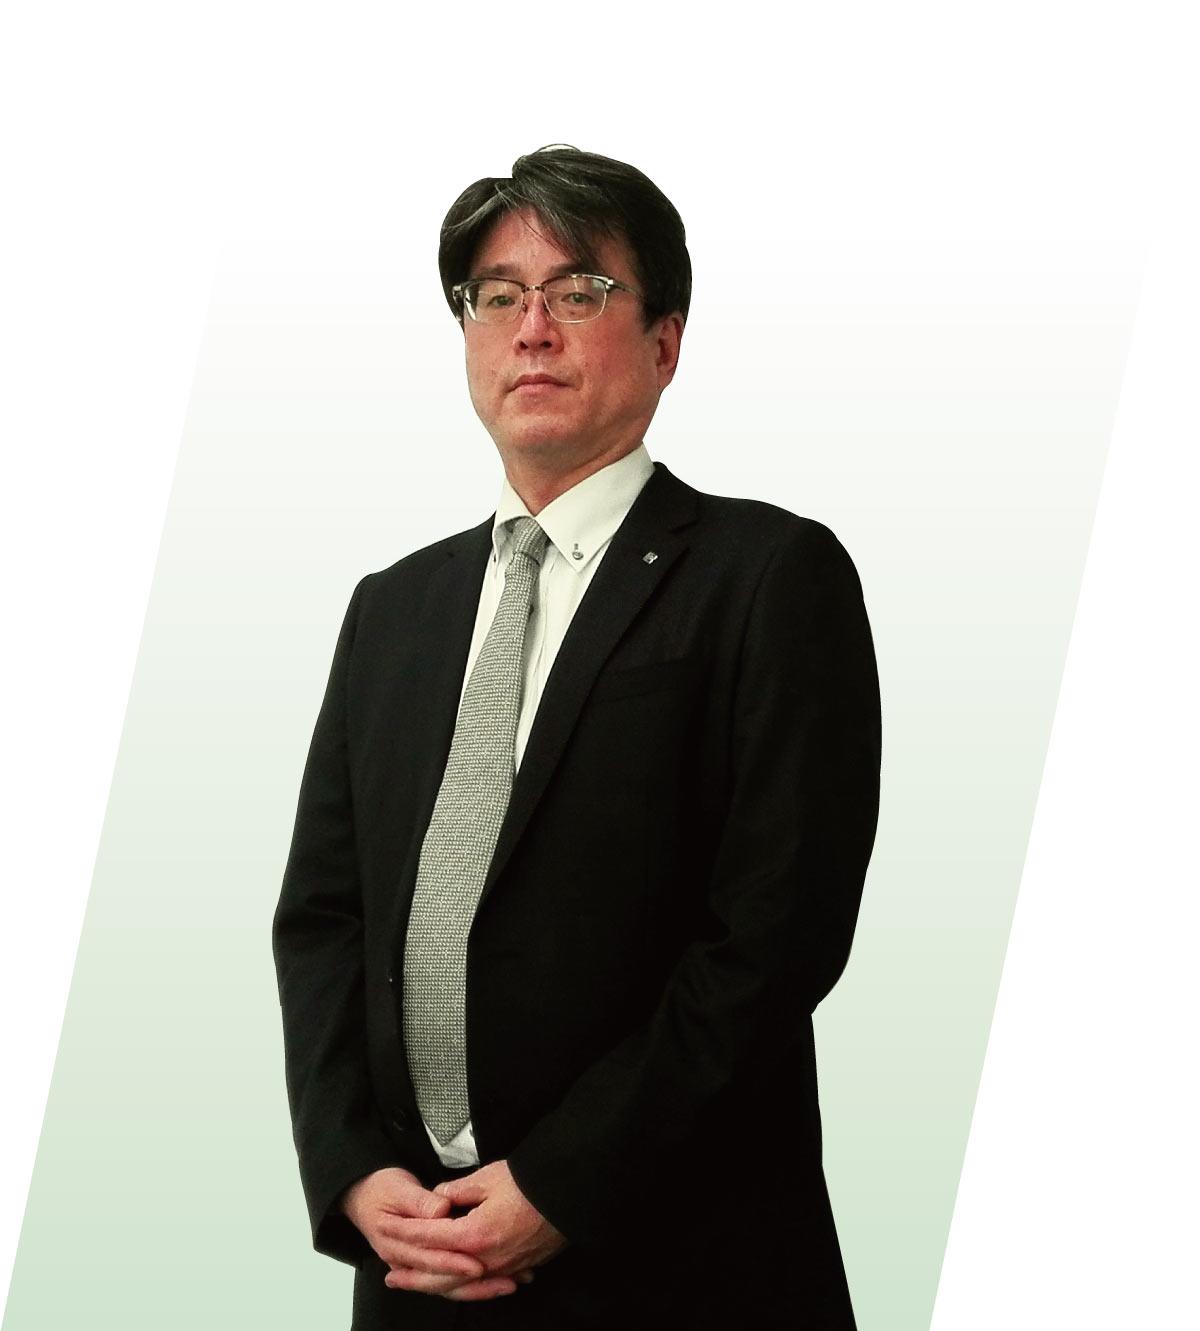 センコーフォワーディング株式会社 代表取締役 高橋 健二